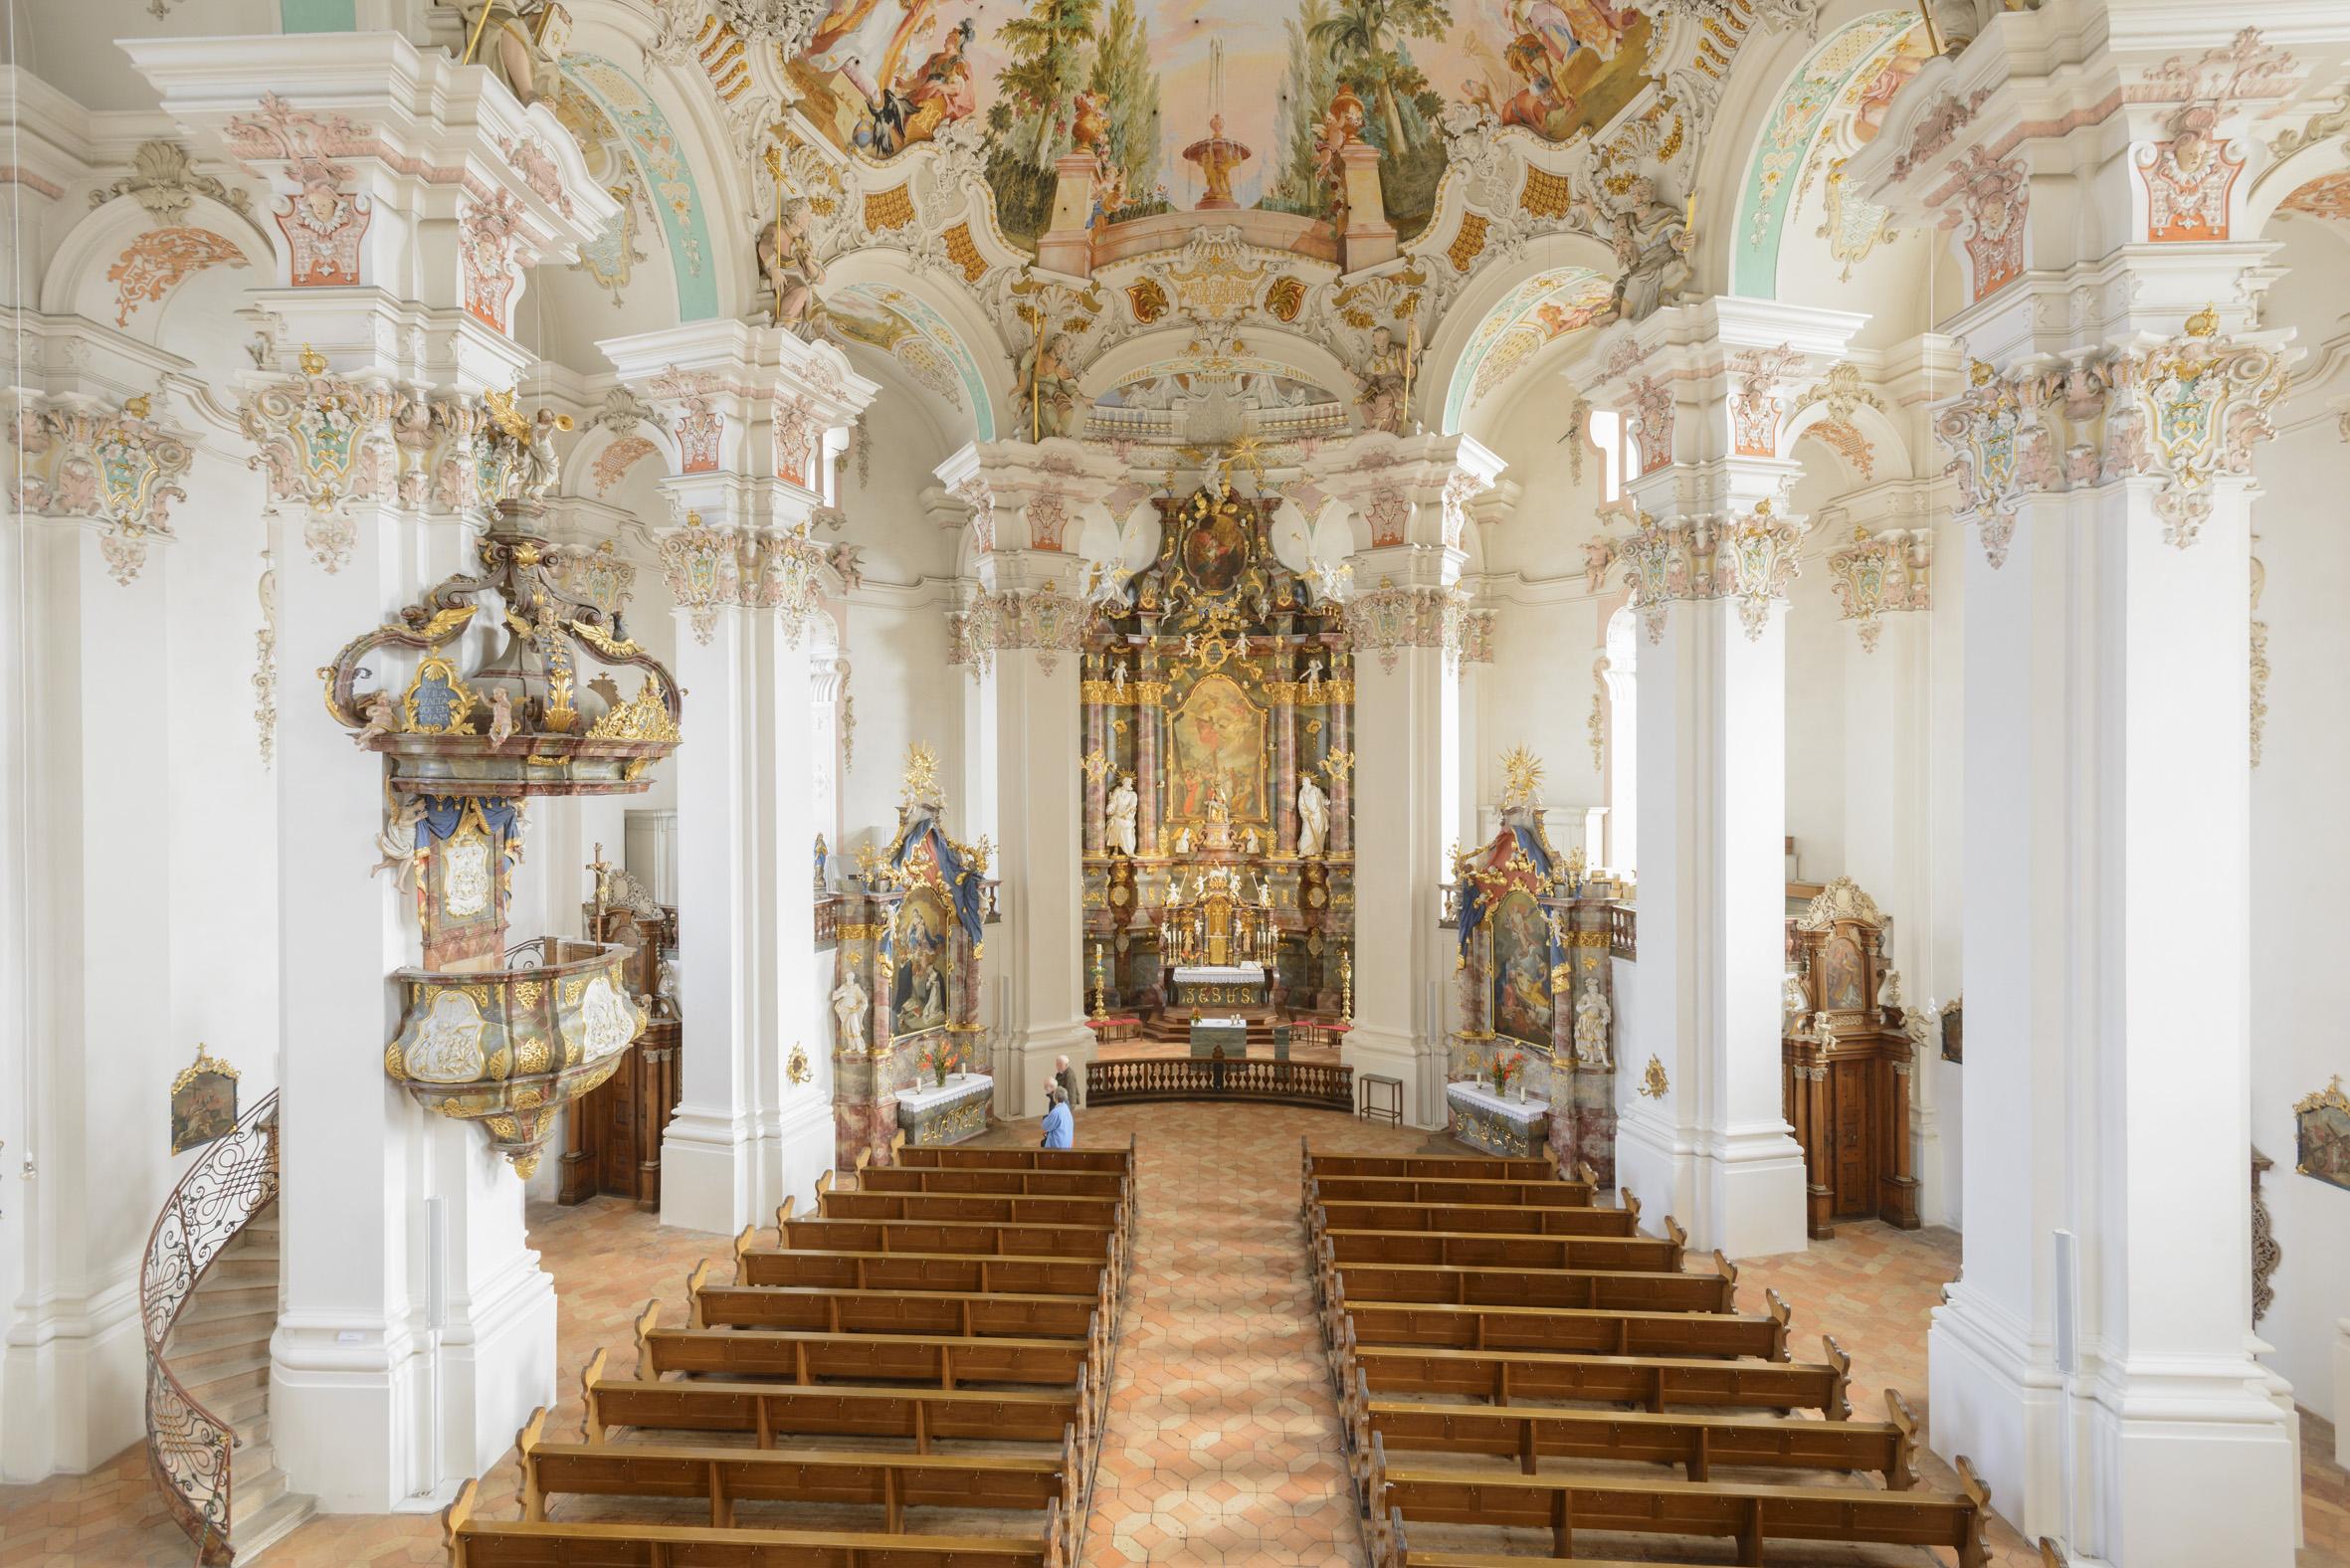 Wallfahrtskirche Steinhausen ©Oberschwaben Tourismus GmbH, Frank Müller